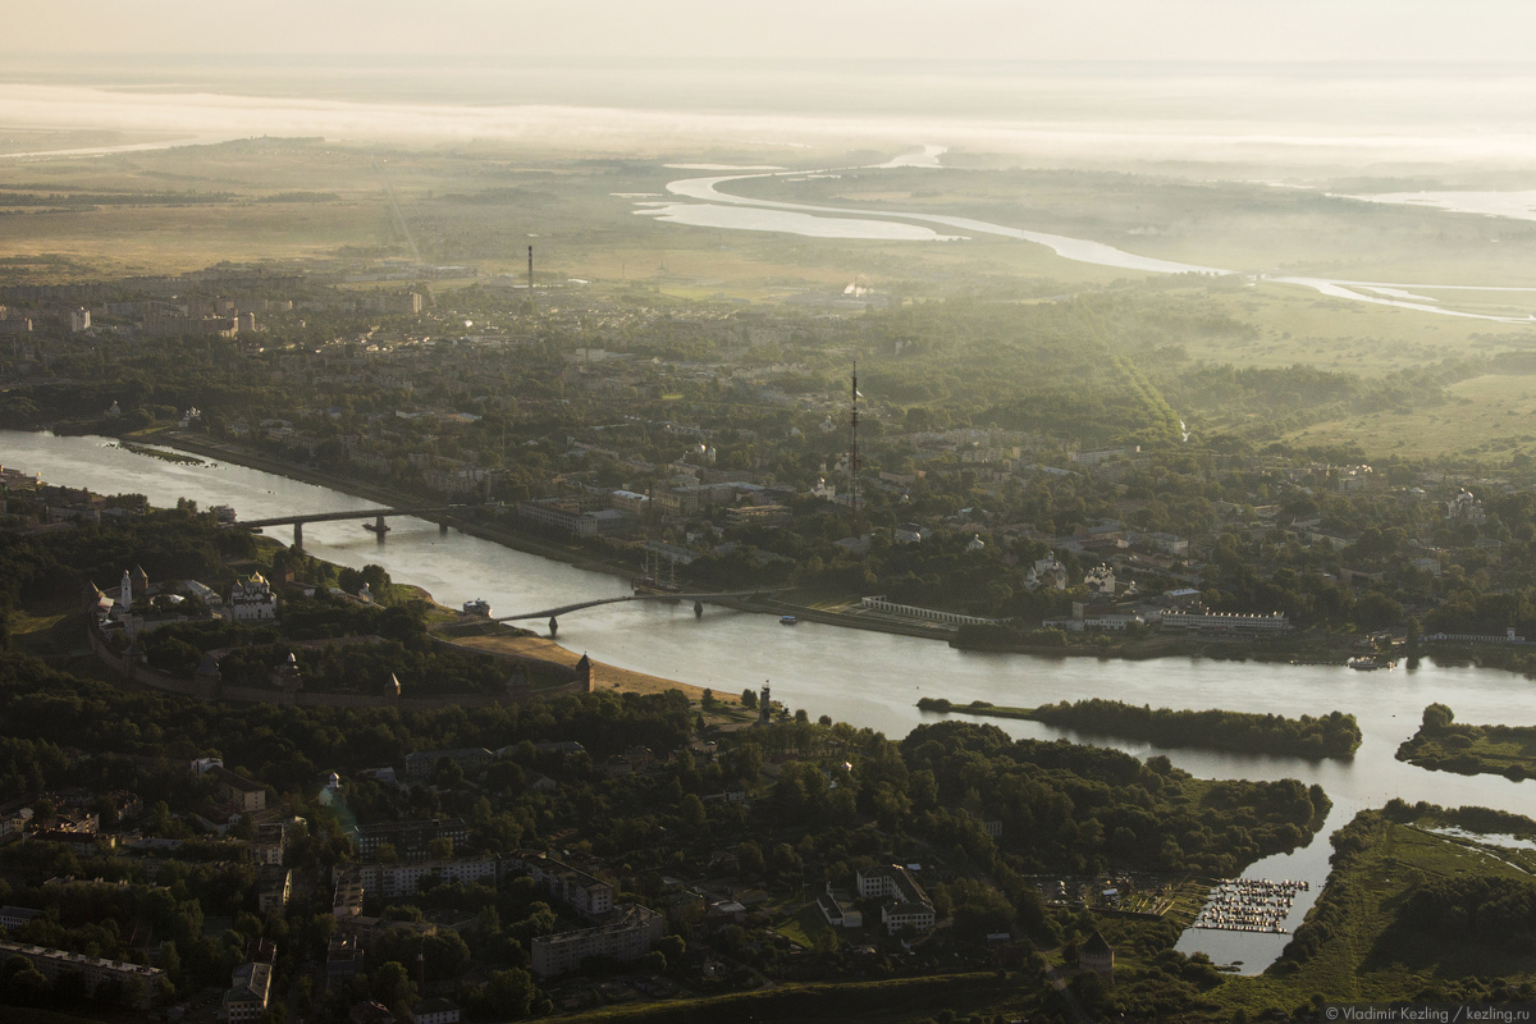 Господин Великий Новгород c высоты воздушного шара